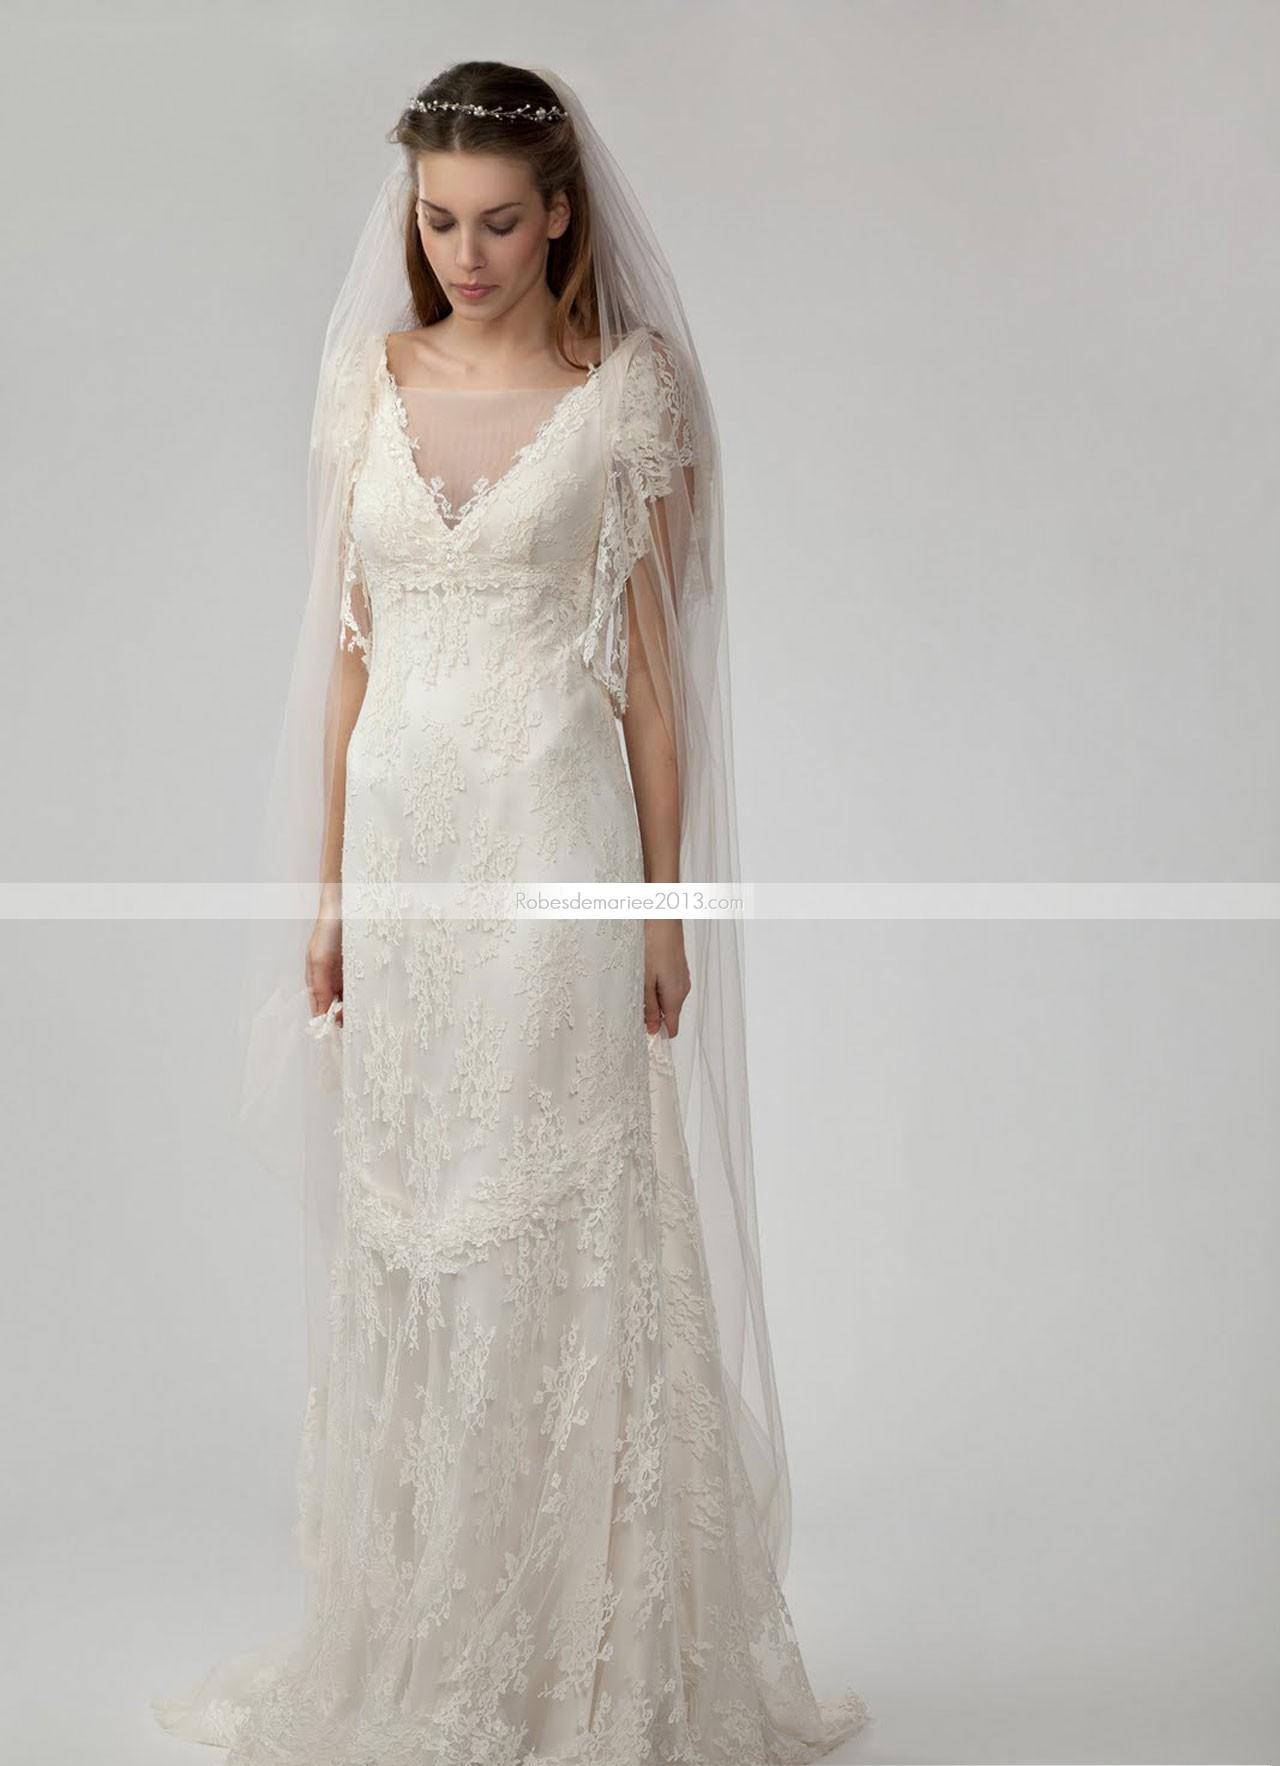 f1990333efc24 Robes de mariée style empire - Chapka